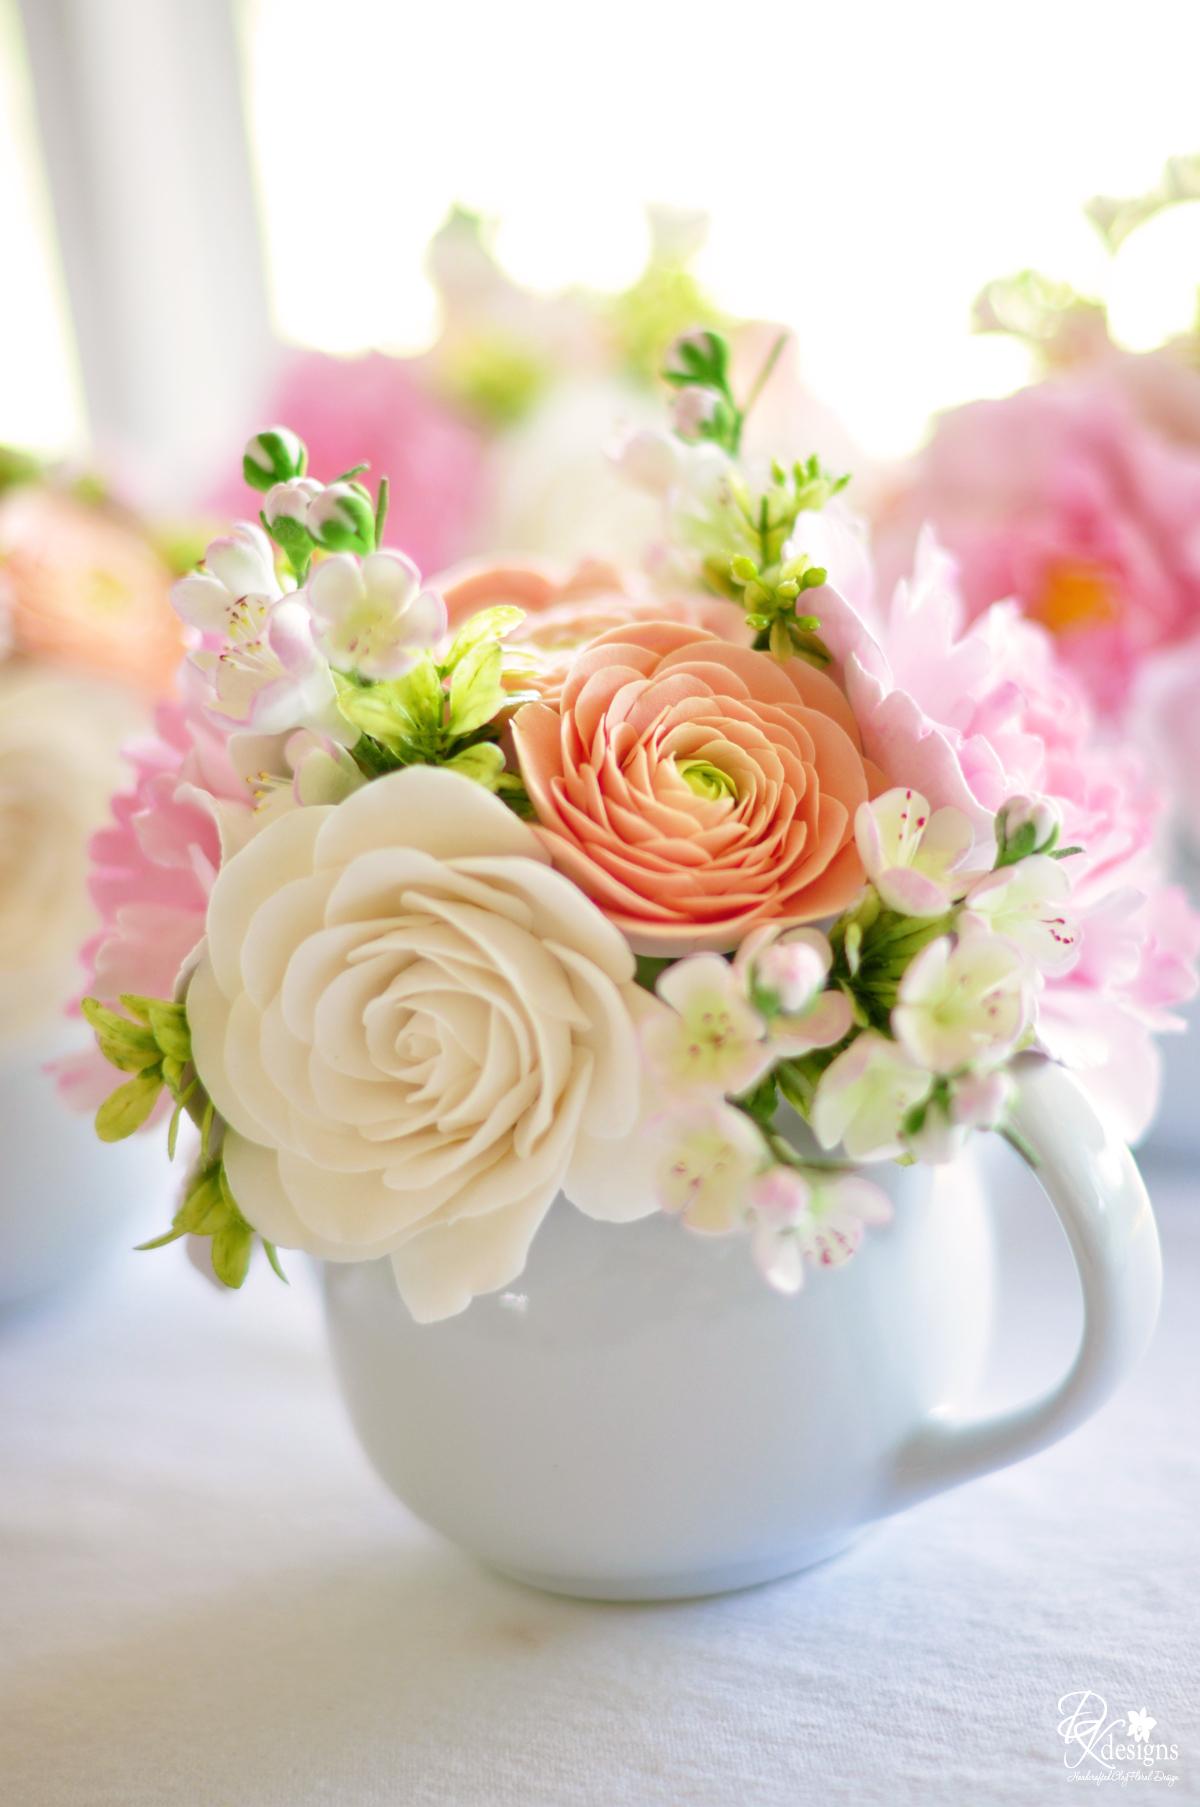 Floral décor for your tea party